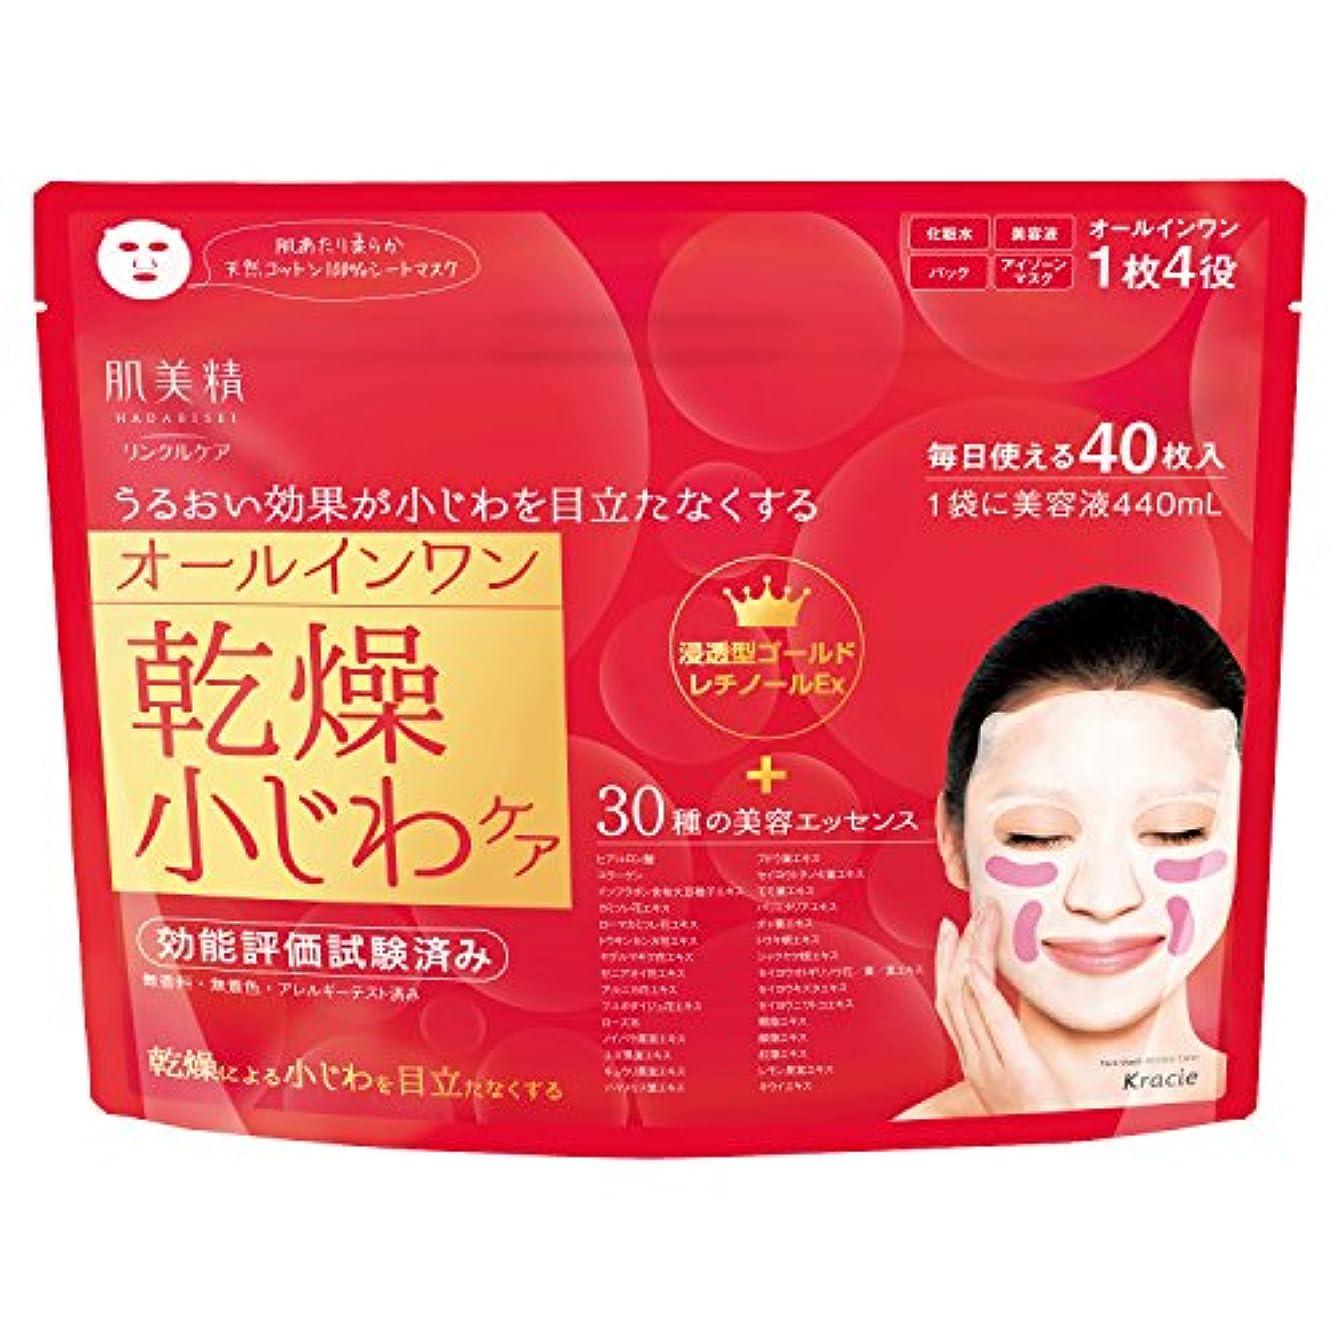 プール乱用無声で肌美精 リンクルケア美容液マスク 40枚